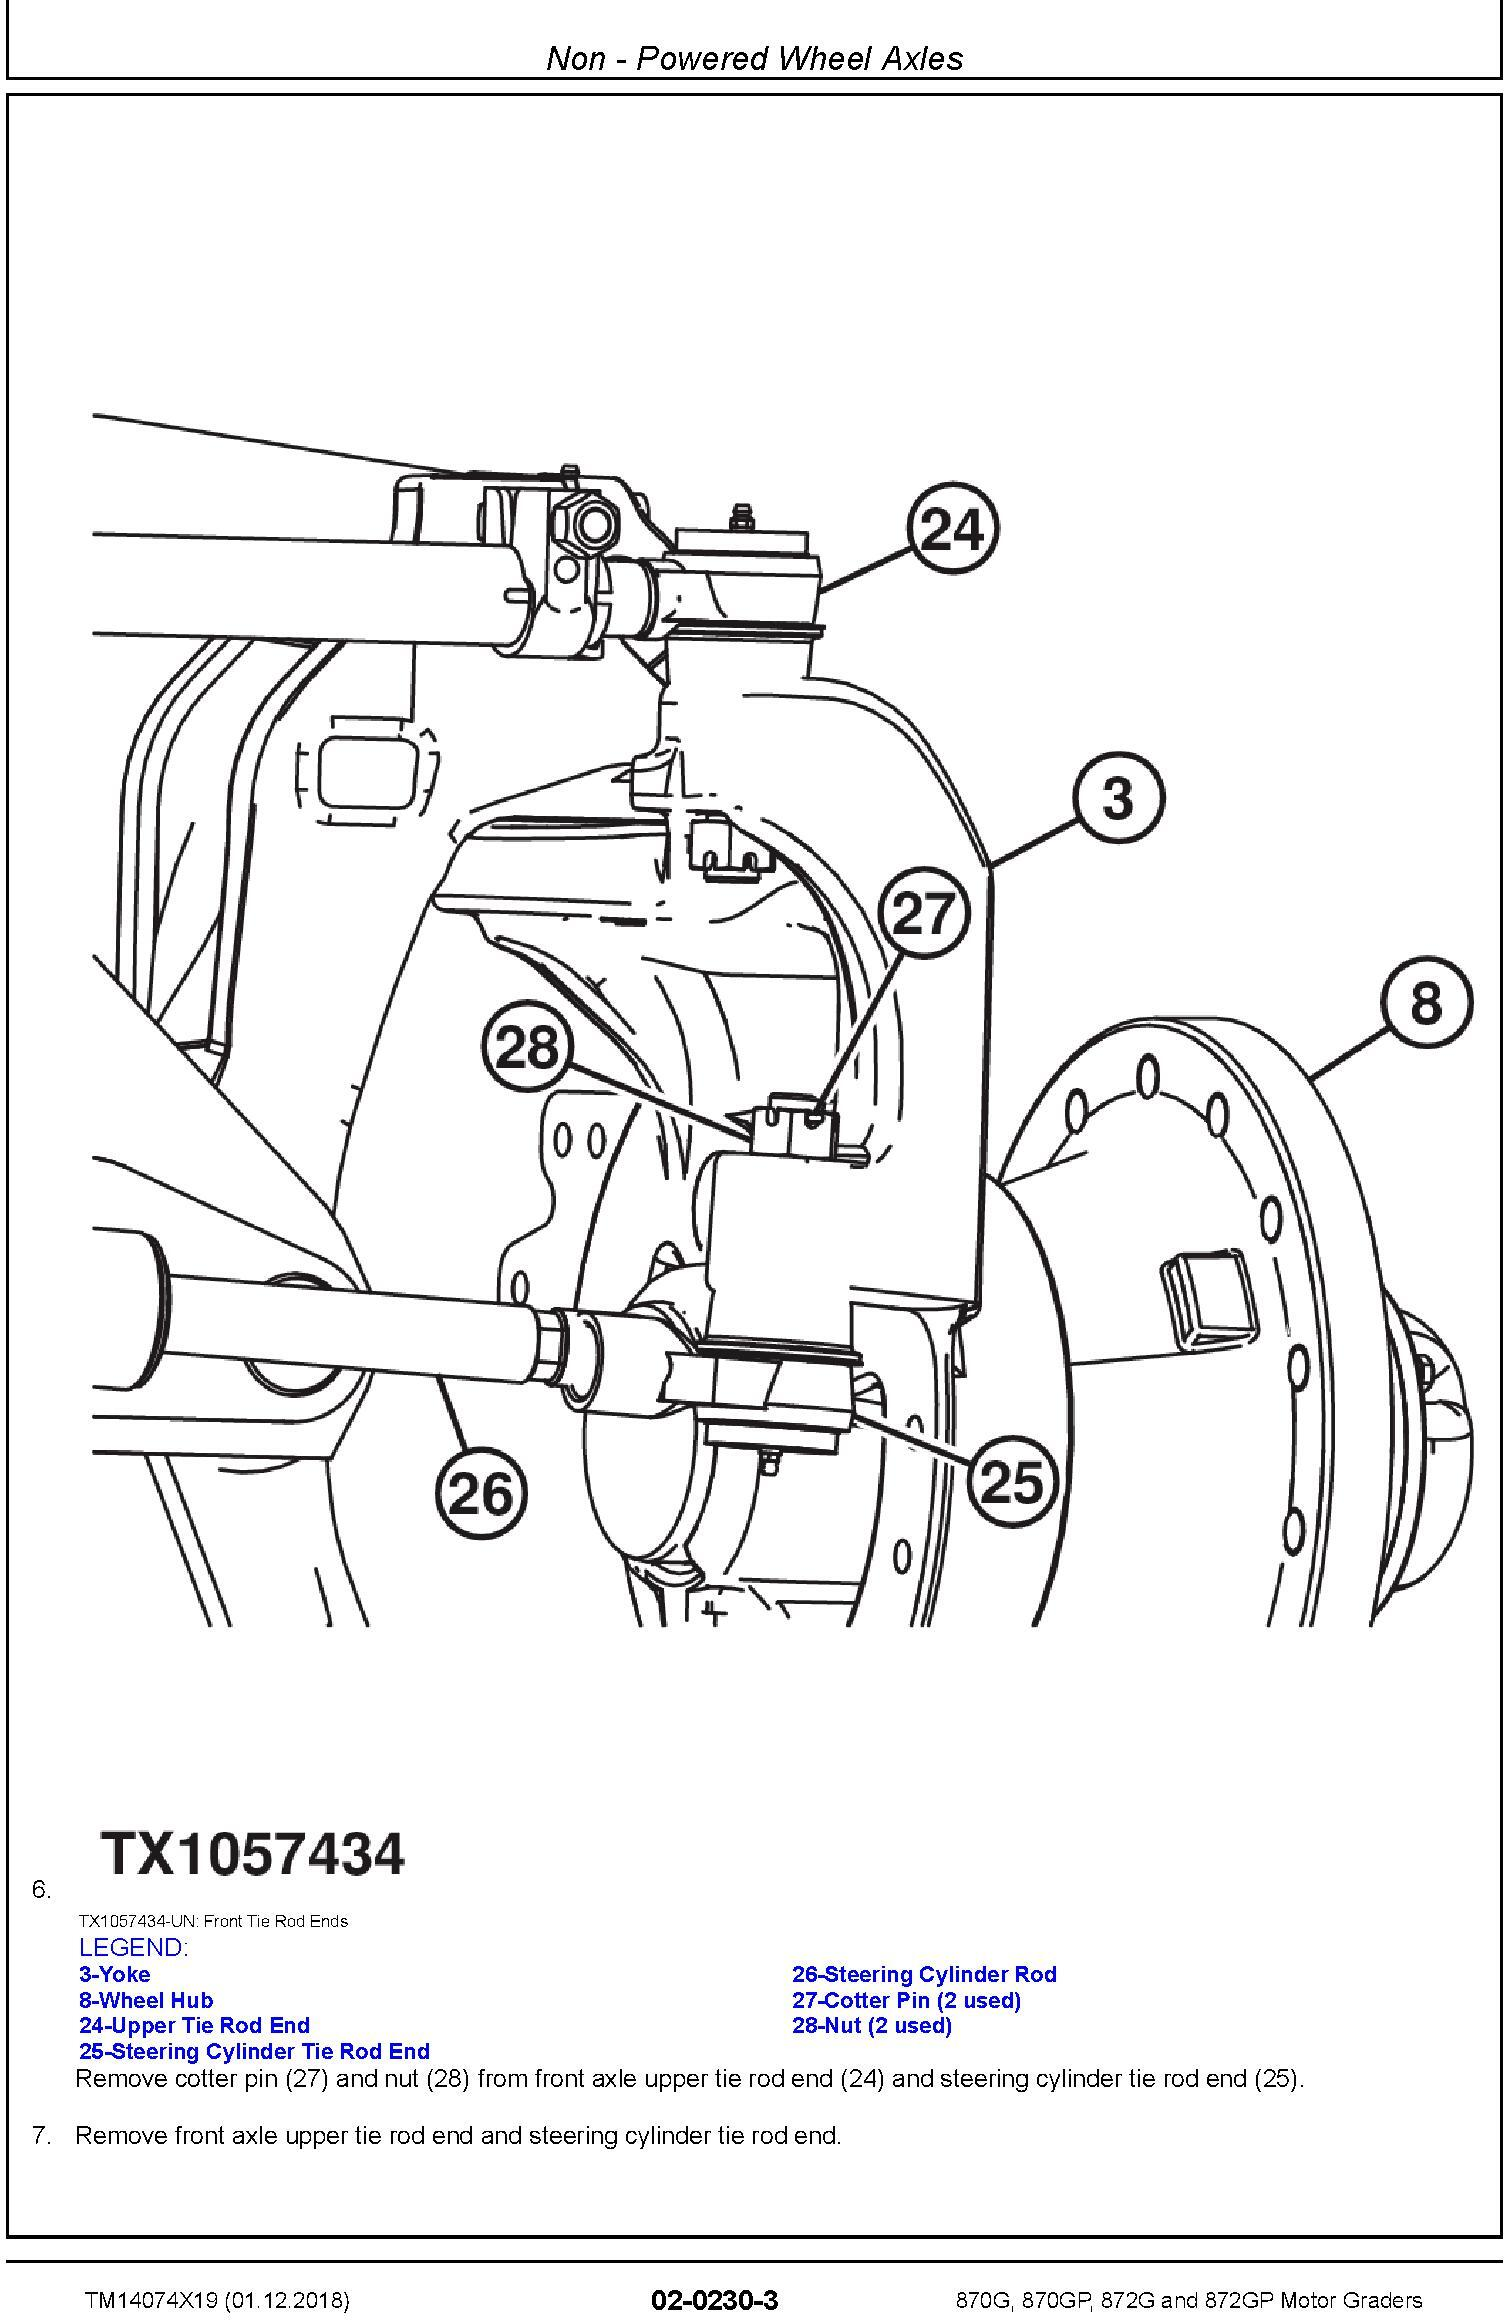 John Deere 870G, 870GP, 872G, 872GP (SN. F678818-680877) Motor Graders Repair Manual (TM14074X19) - 1